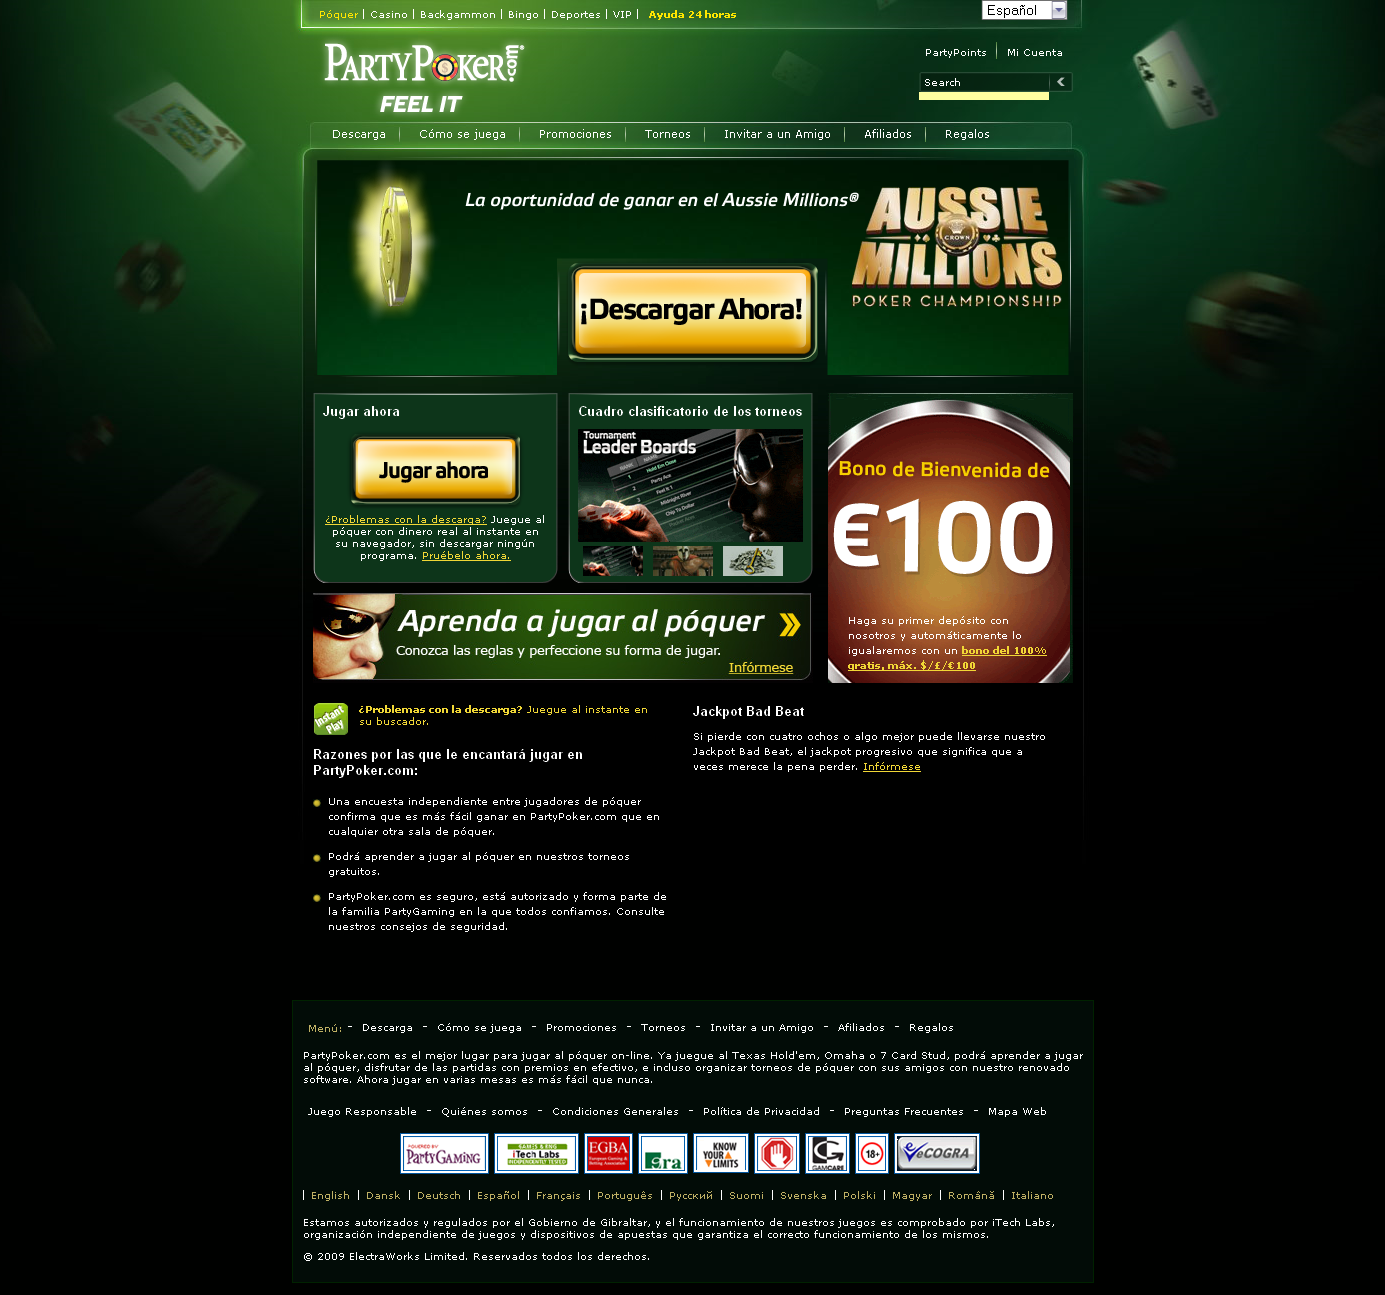 Party poker los mejores casino online Fortaleza-32108